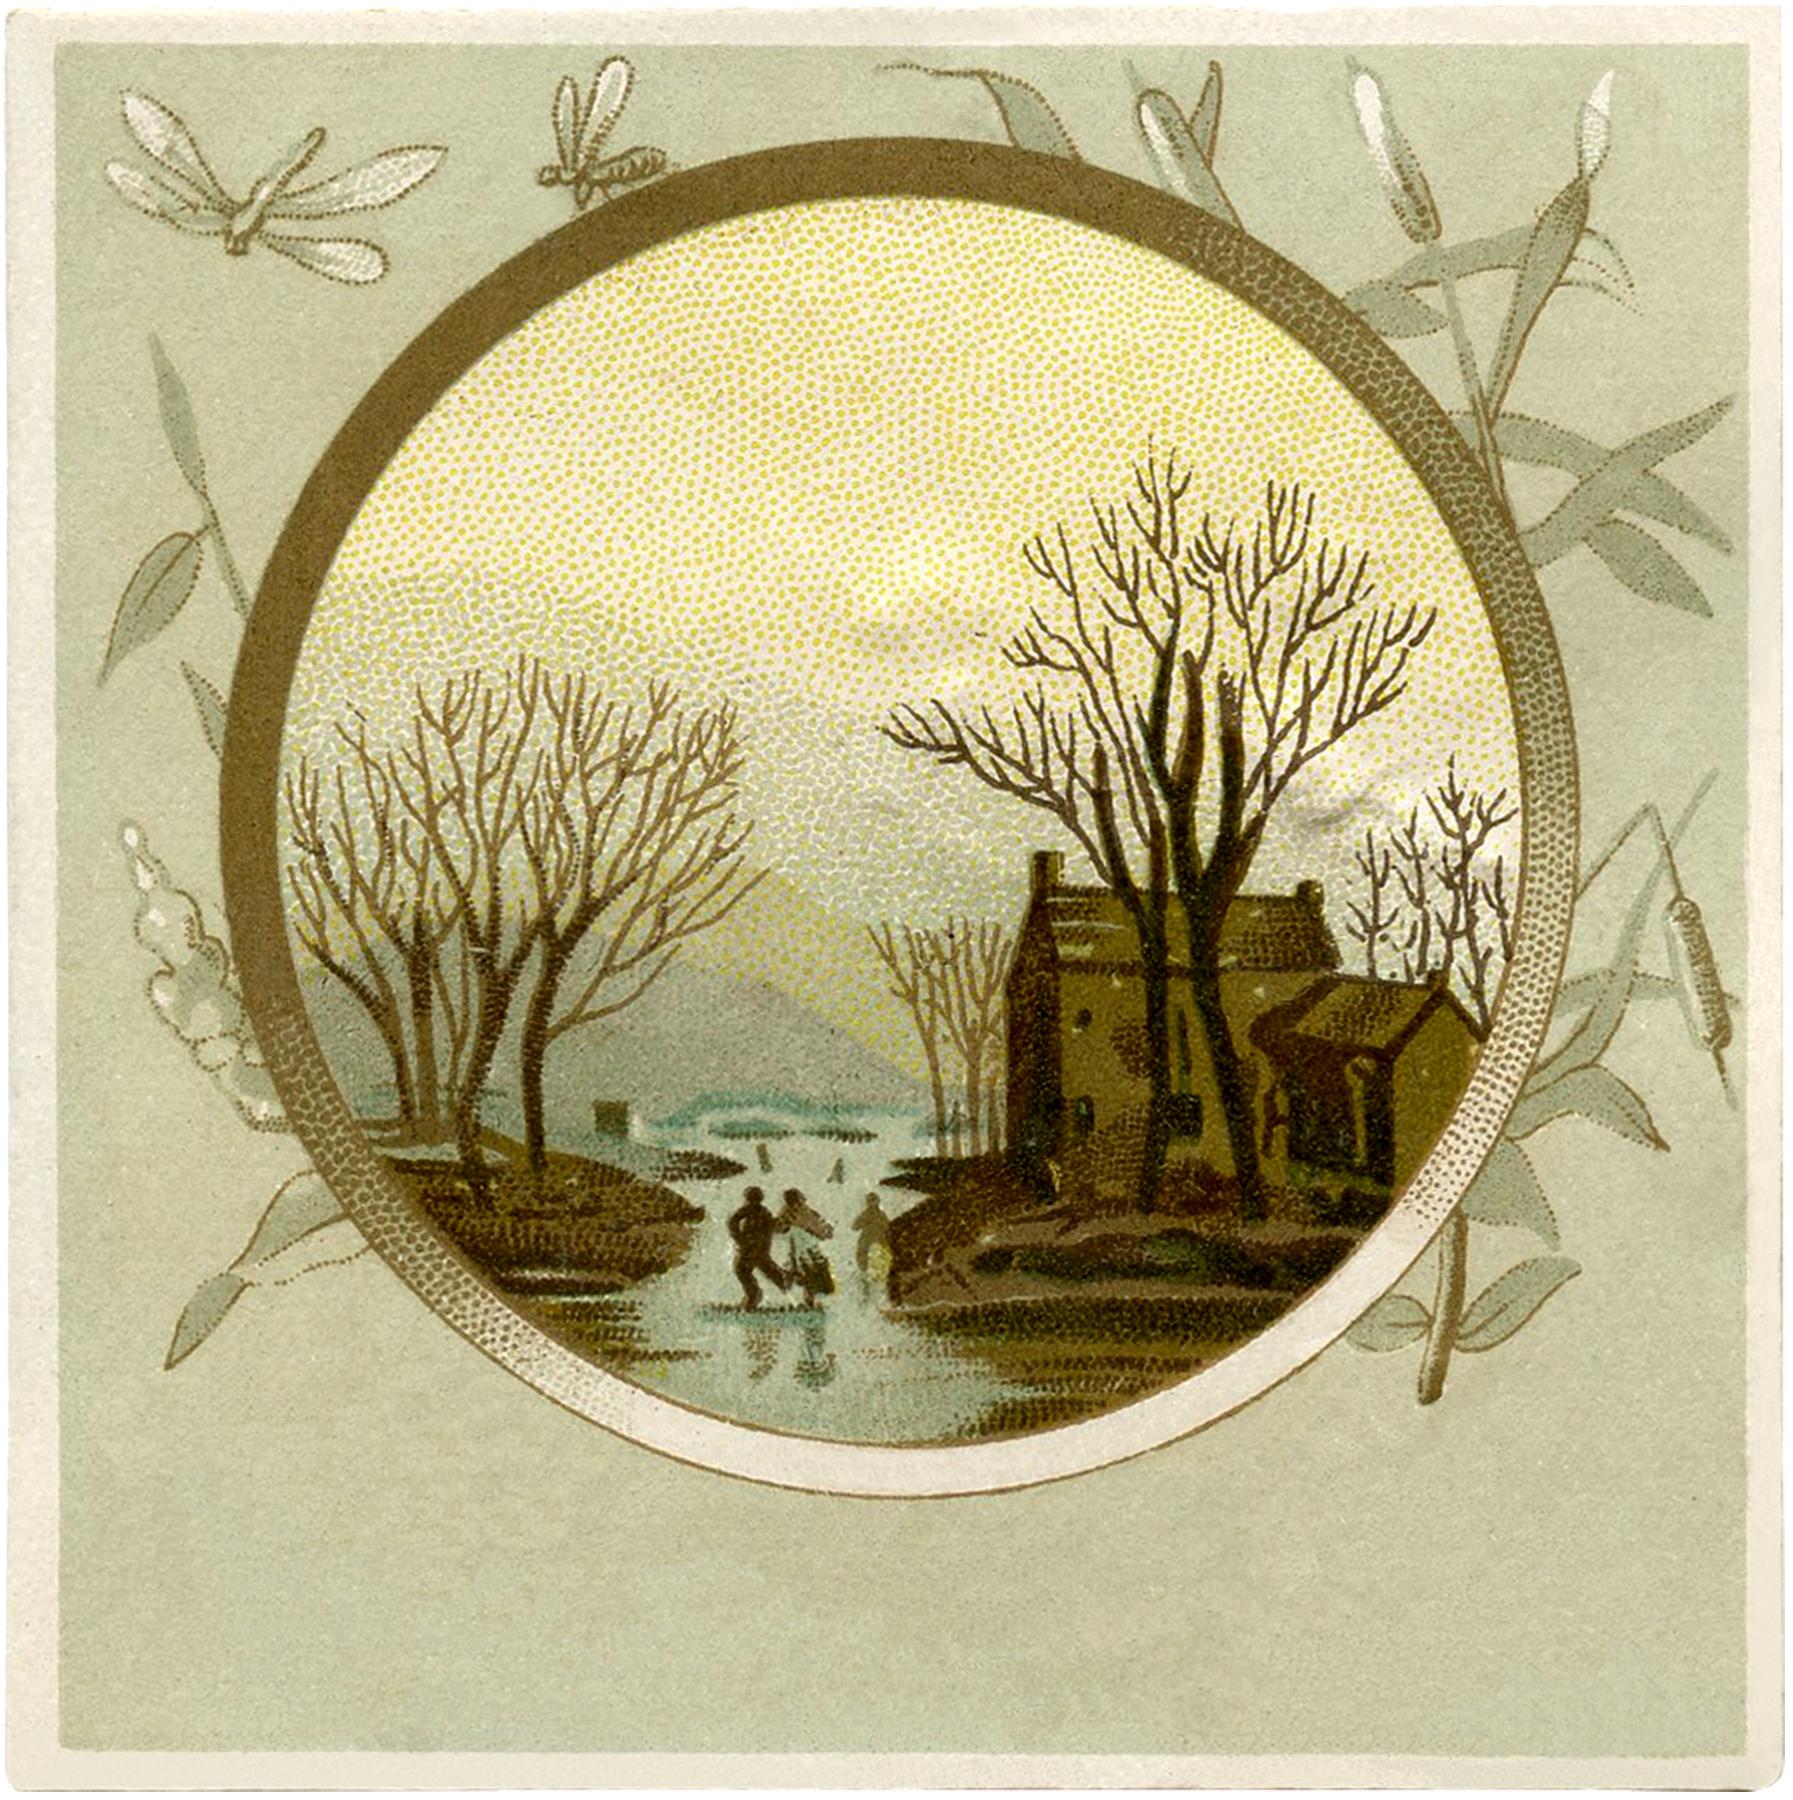 Vintage Winter Landscape Square Image